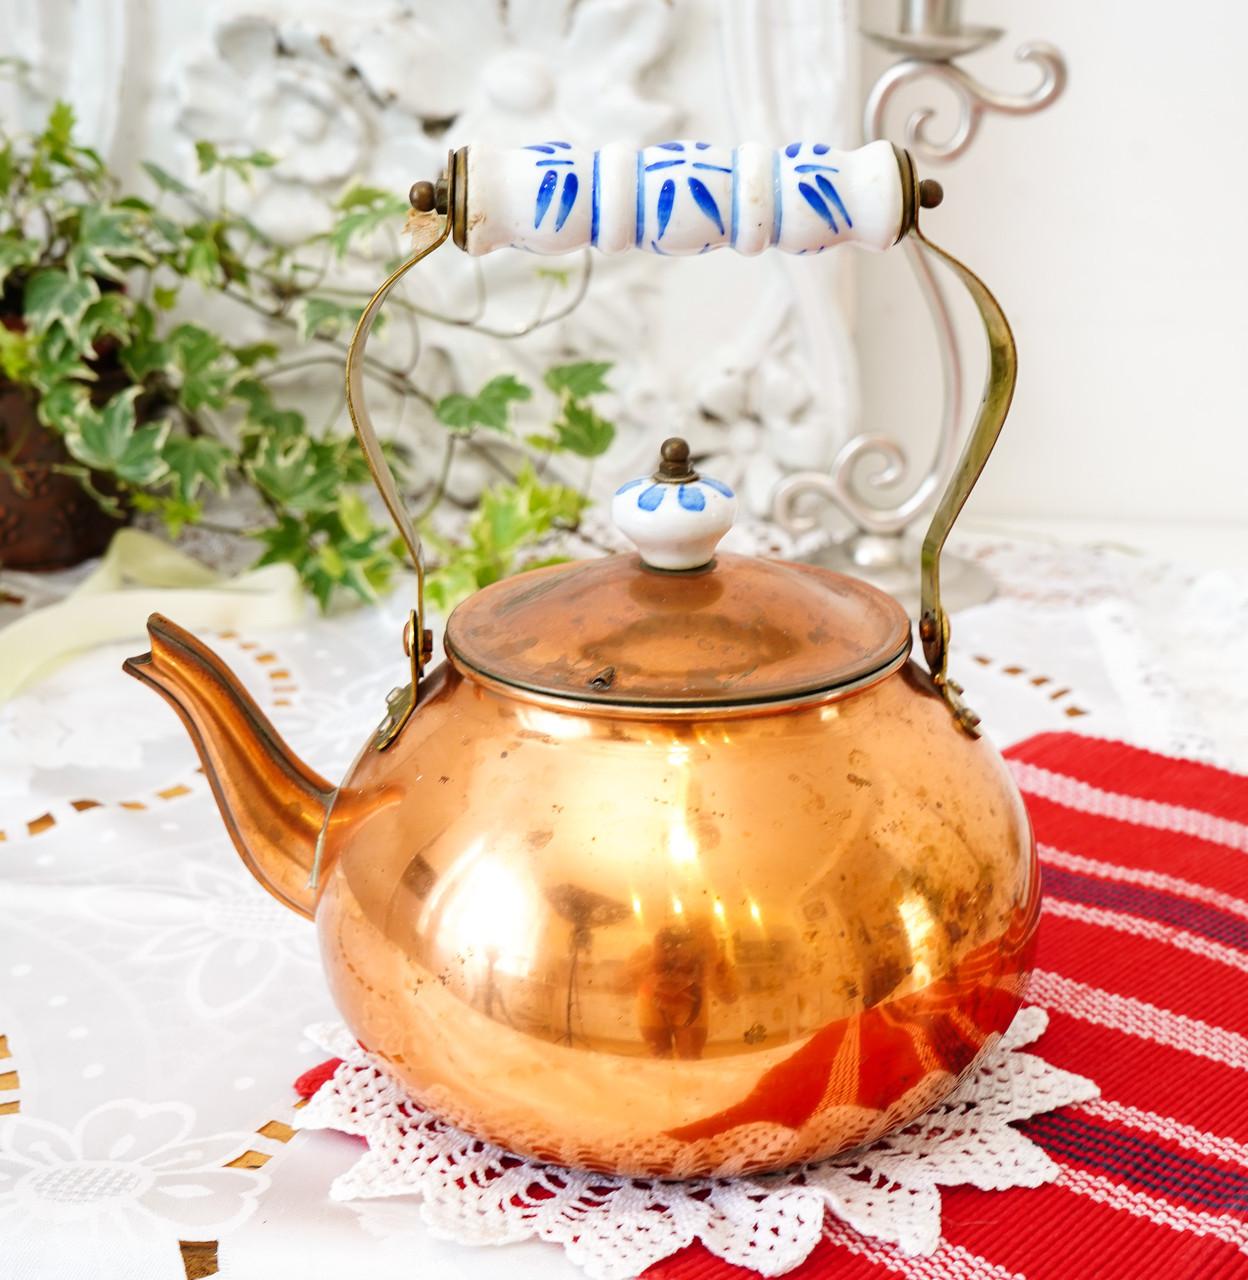 Вінтажний мідний чайник з порцелянової ручкою, мідь, Німеччина або Європа, 1,9 літра